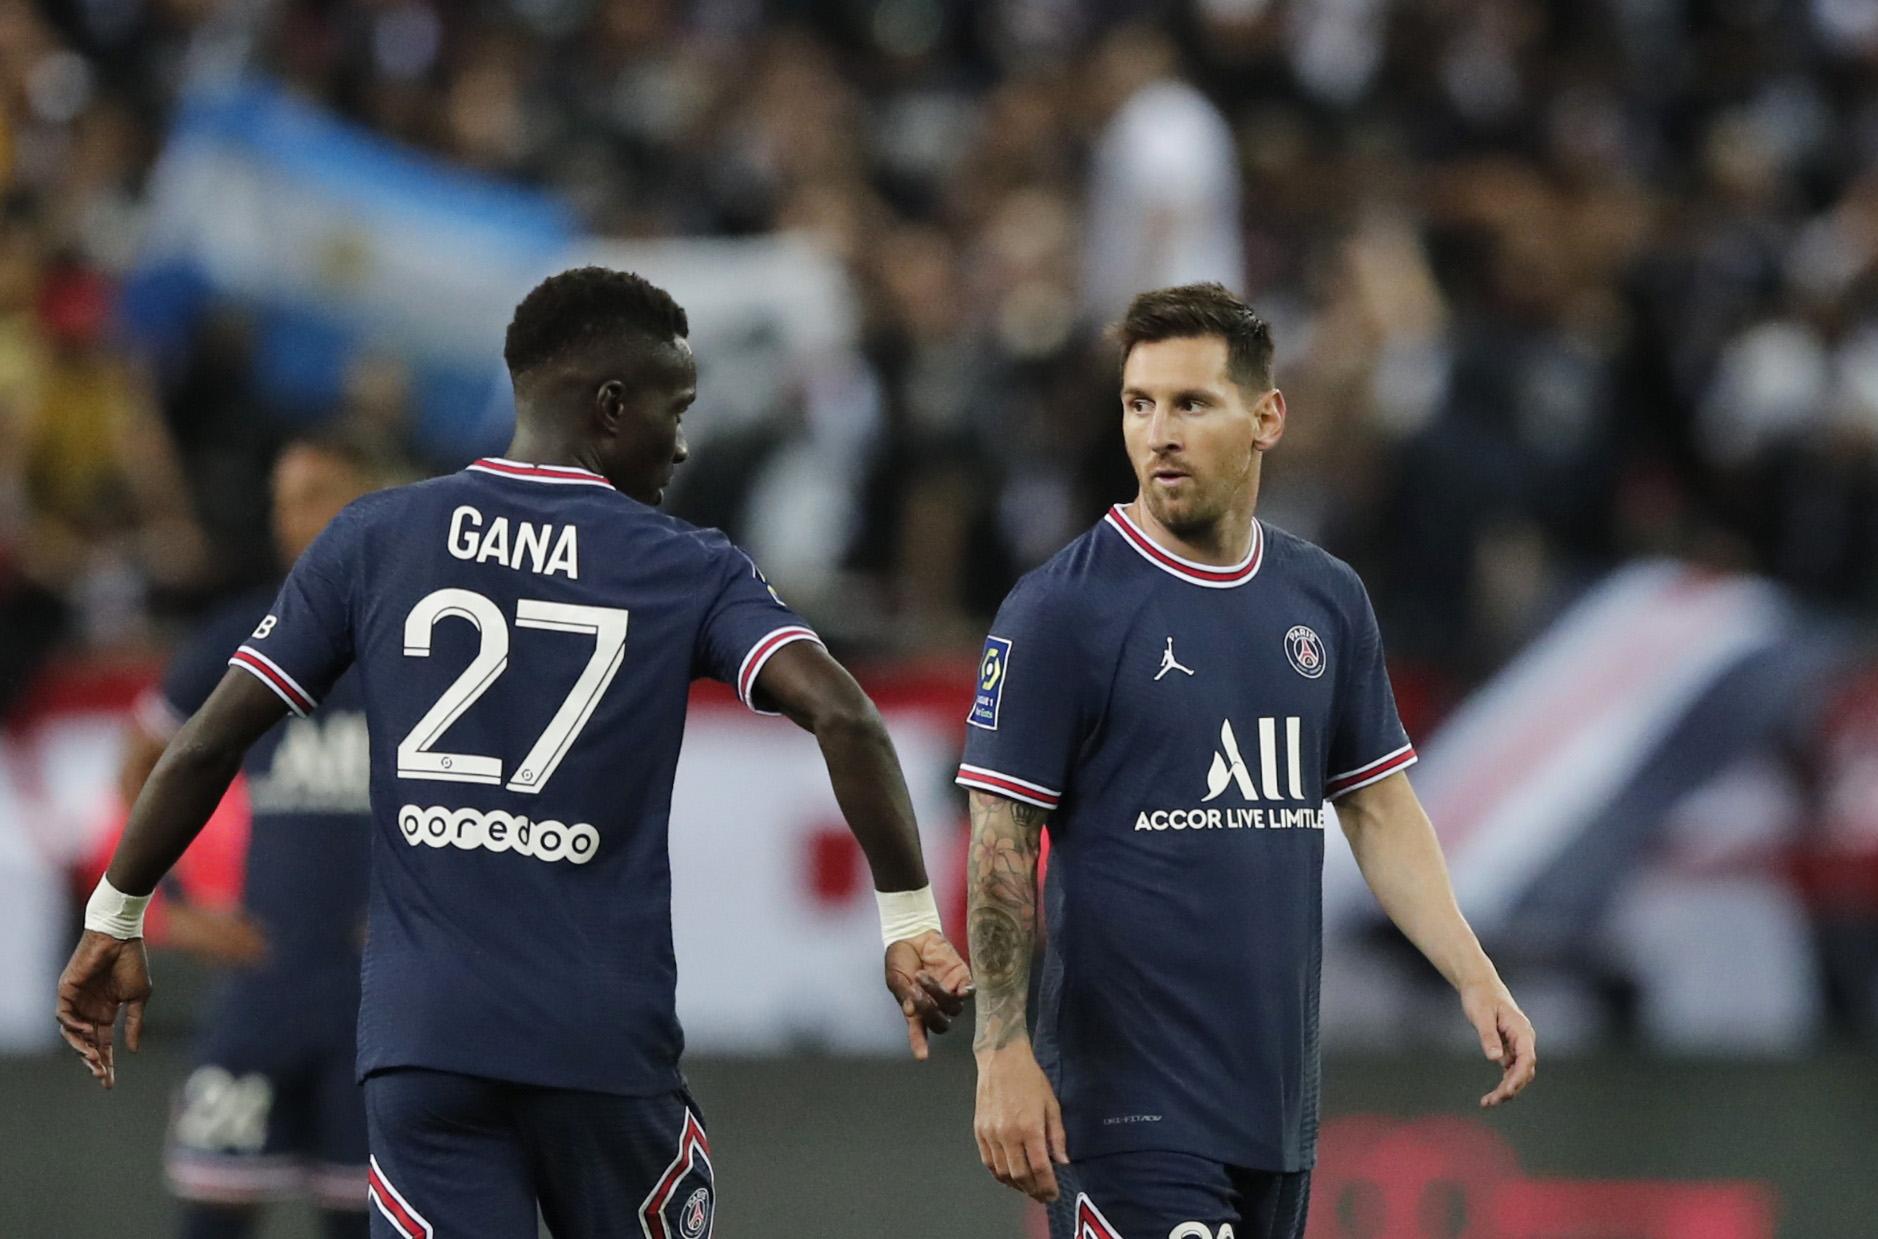 Λιονέλ Μέσι: Ντεμπούτο με την Παρί Σεν Ζερμέν στο Champions League